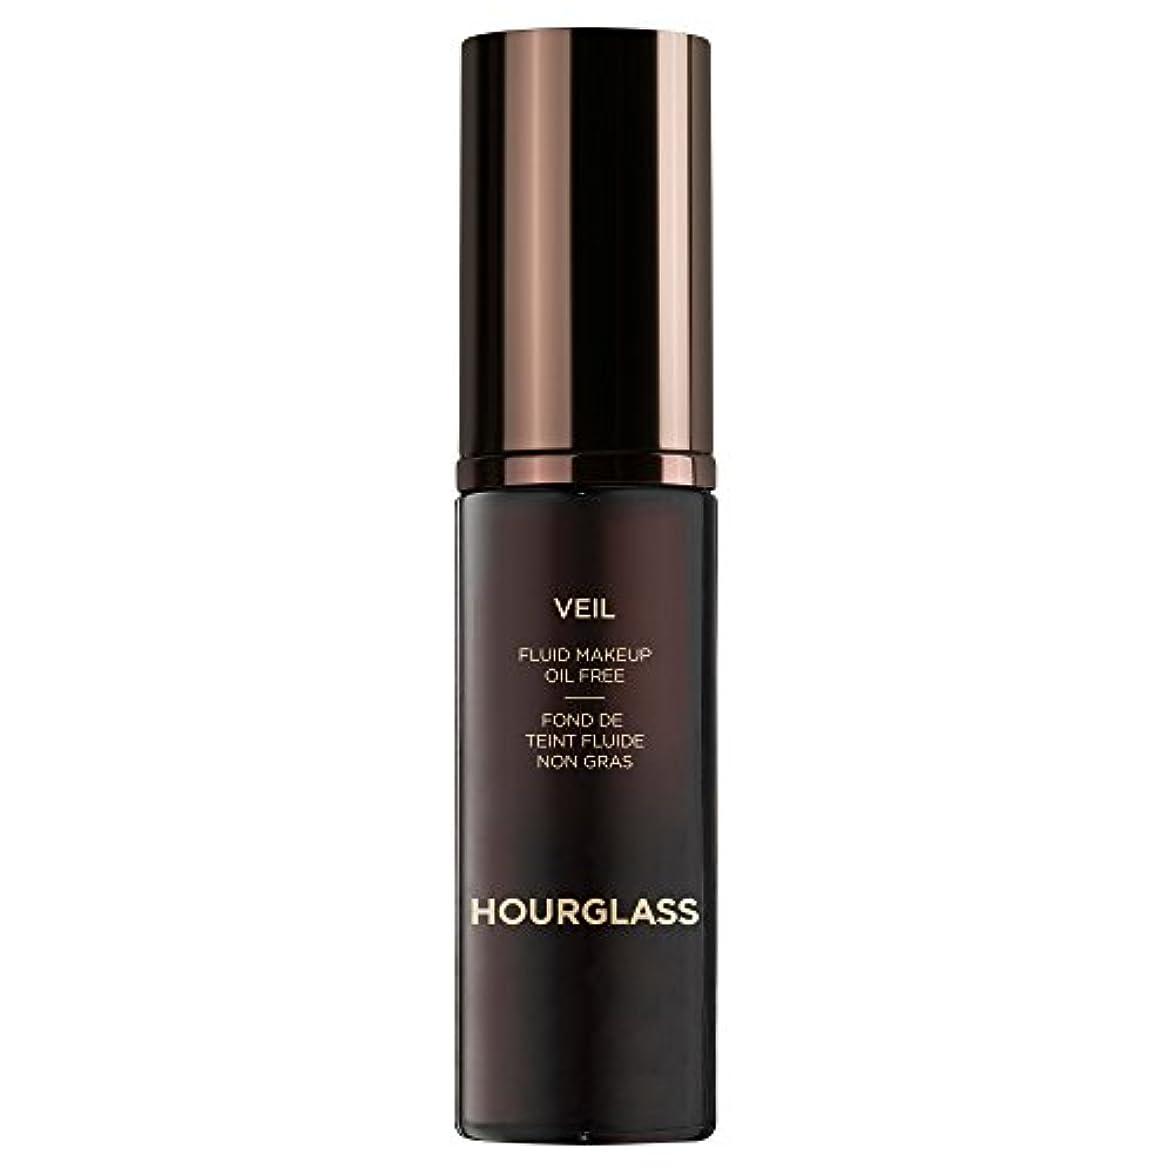 落ち込んでいる落胆する劇作家クロテン砂時計ベール流体メイクアップ (Hourglass) (x2) - Hourglass Veil Fluid Makeup Sable (Pack of 2) [並行輸入品]